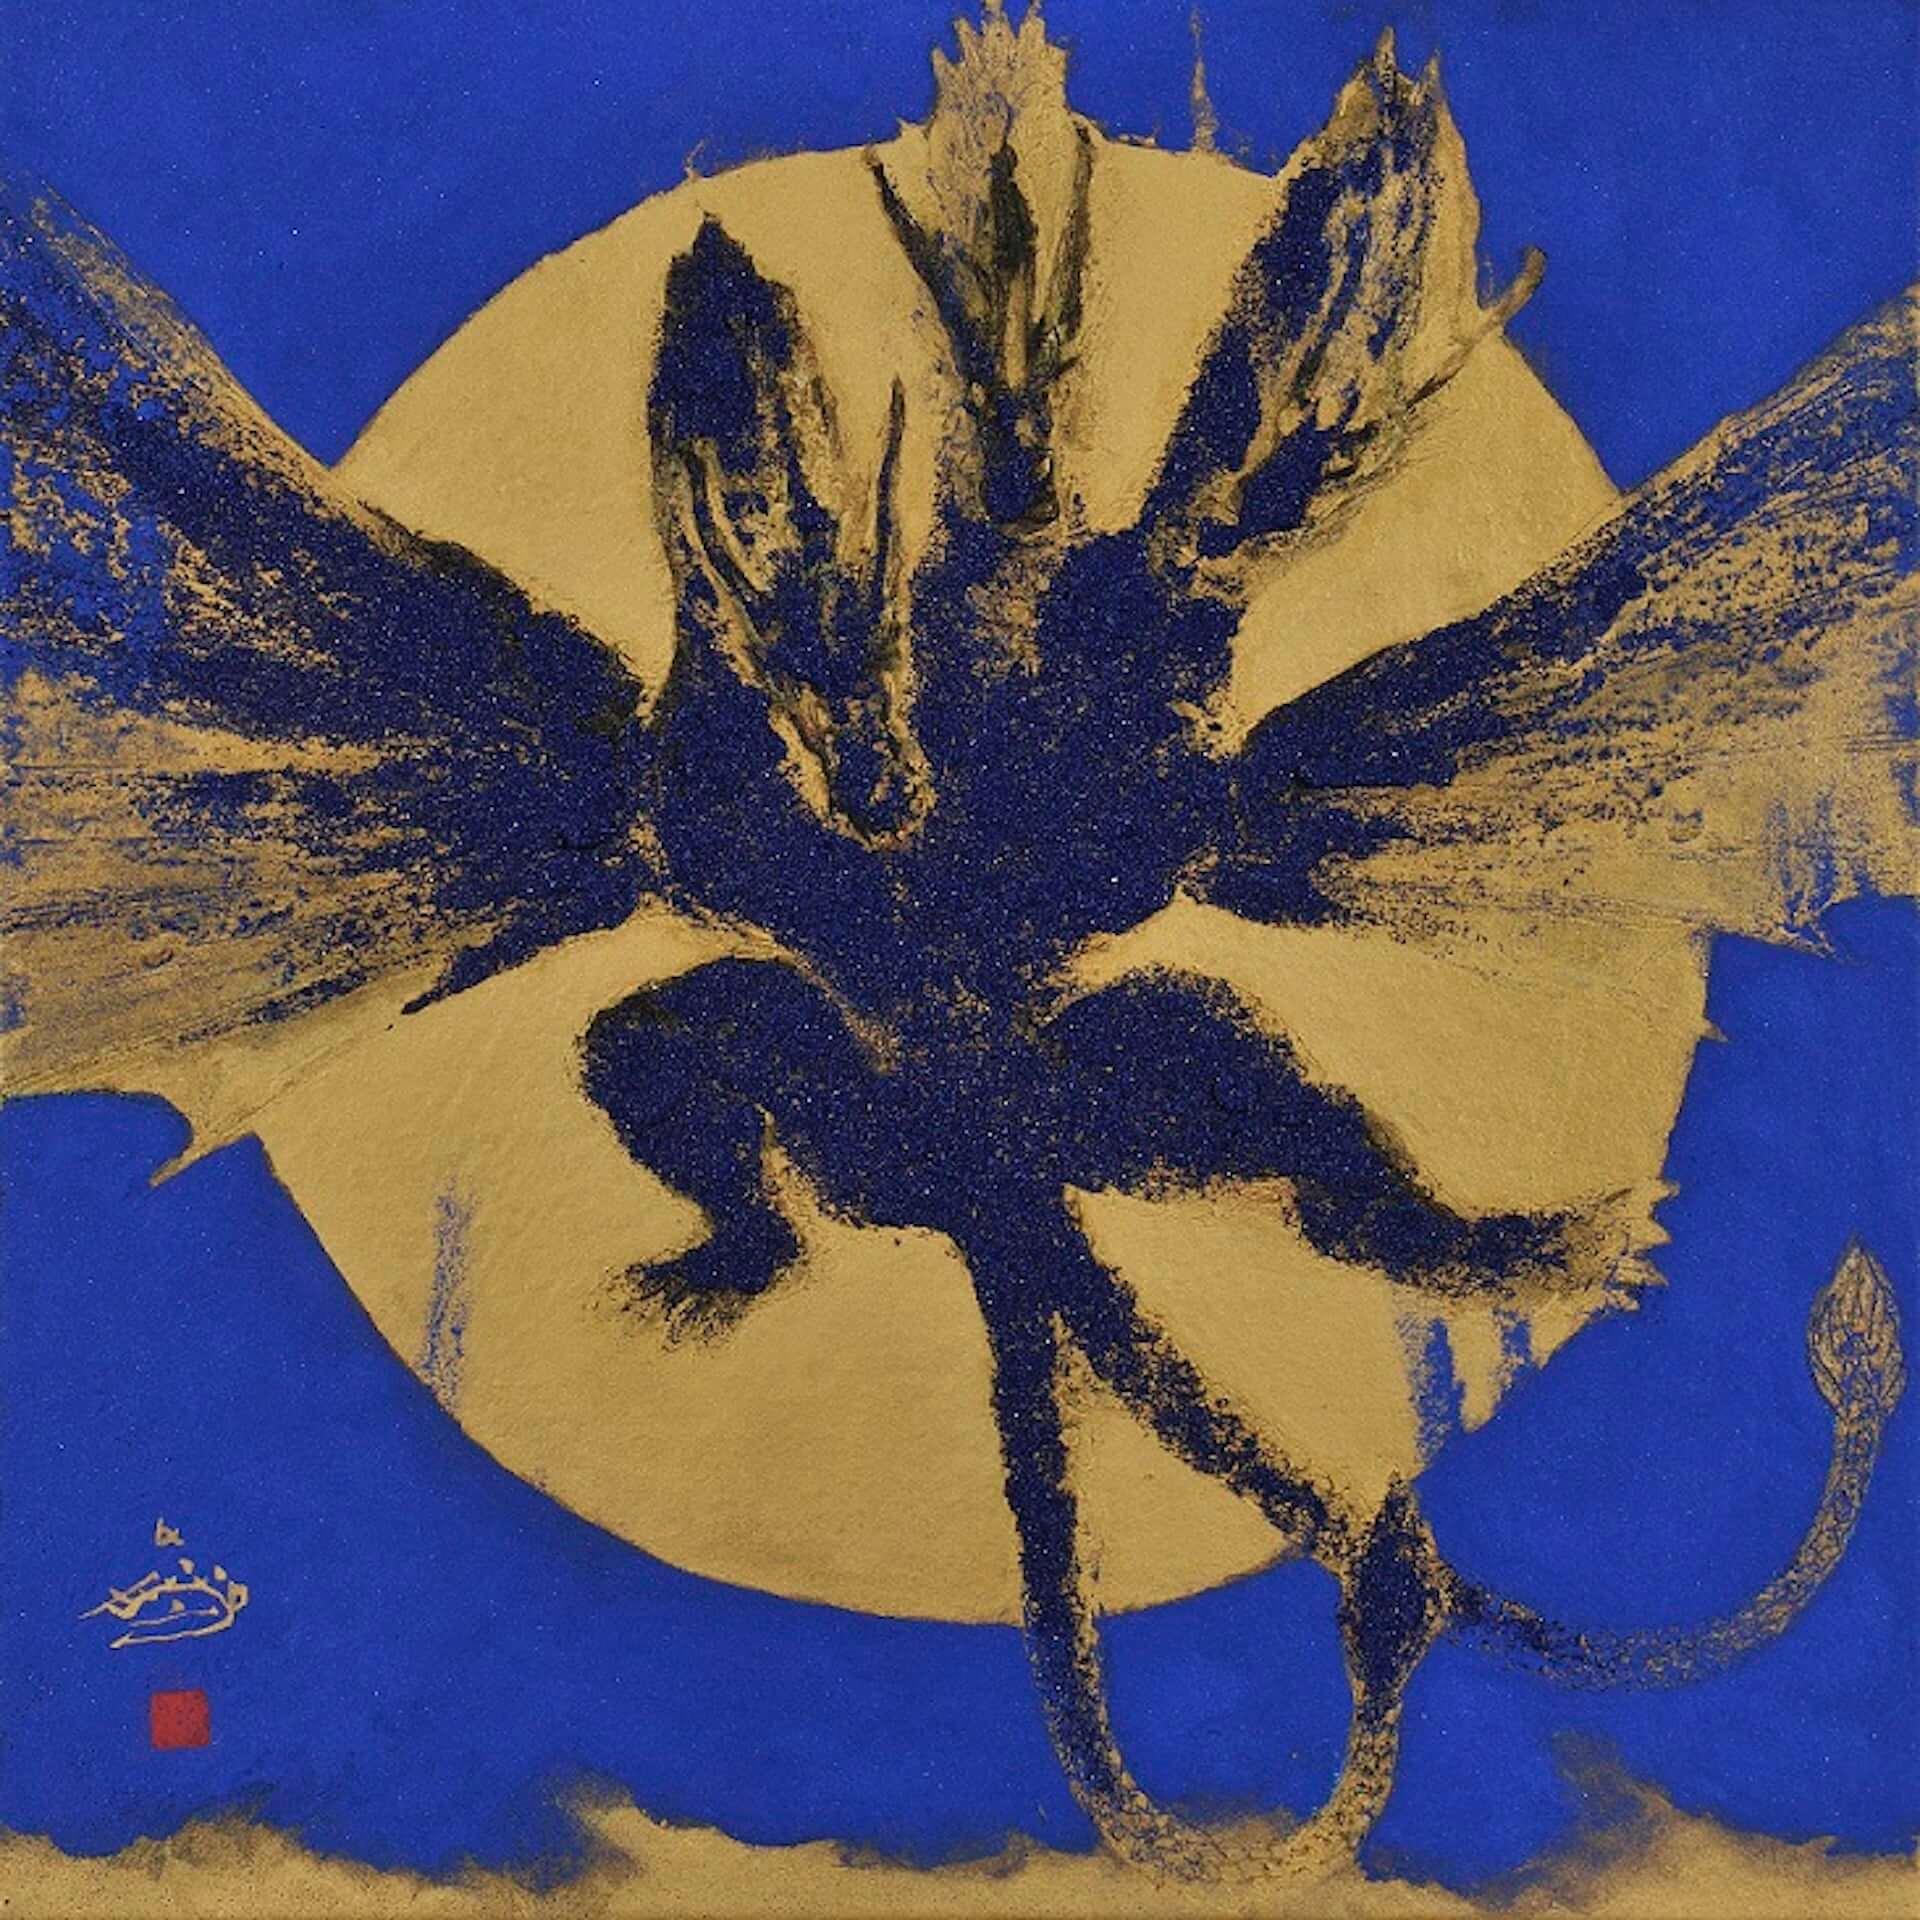 ゴジラが日本画で描かれる!展覧会<村上裕二日本画展 「怪獣王ゴジラの世界」>&<「怪獣王GODZILLA」村上裕二日本画展>が開催決定 artculture200115_godzilla_4-1920x1920